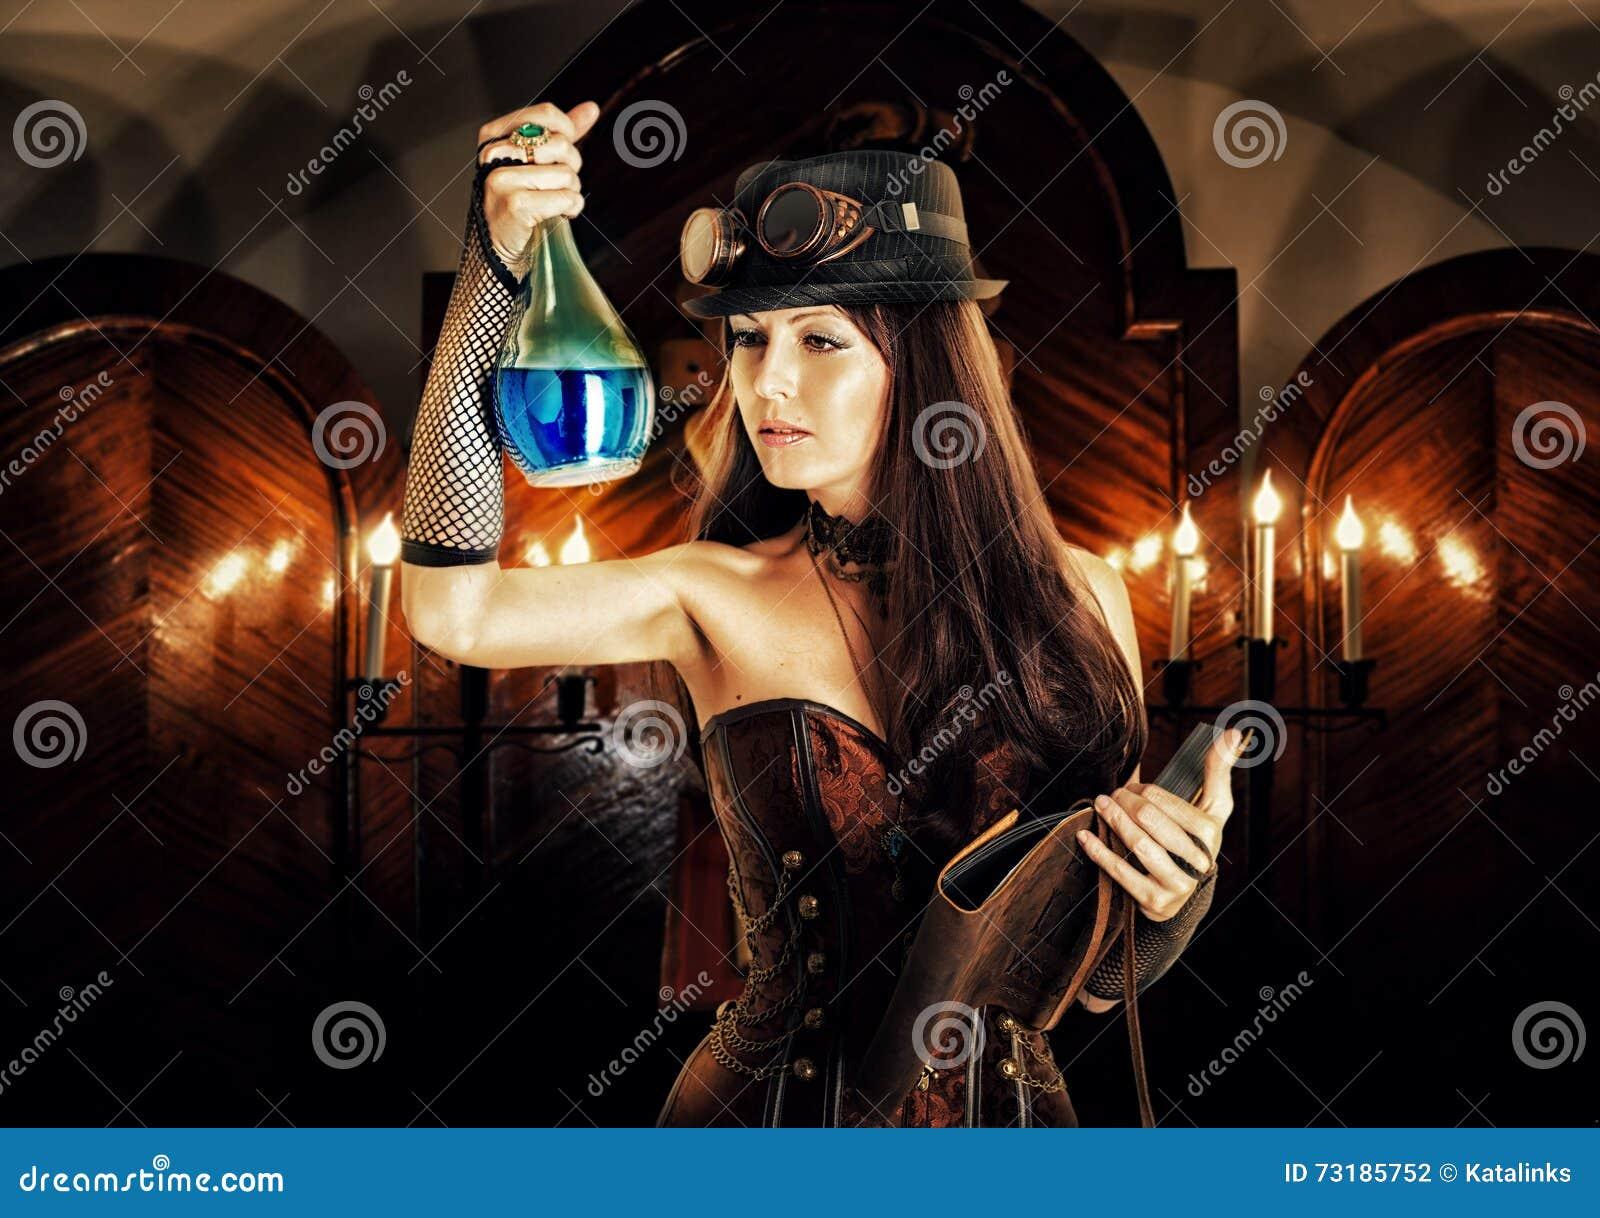 La bruja de la mujer del alquimista prepara la poción, lee el libro mágico